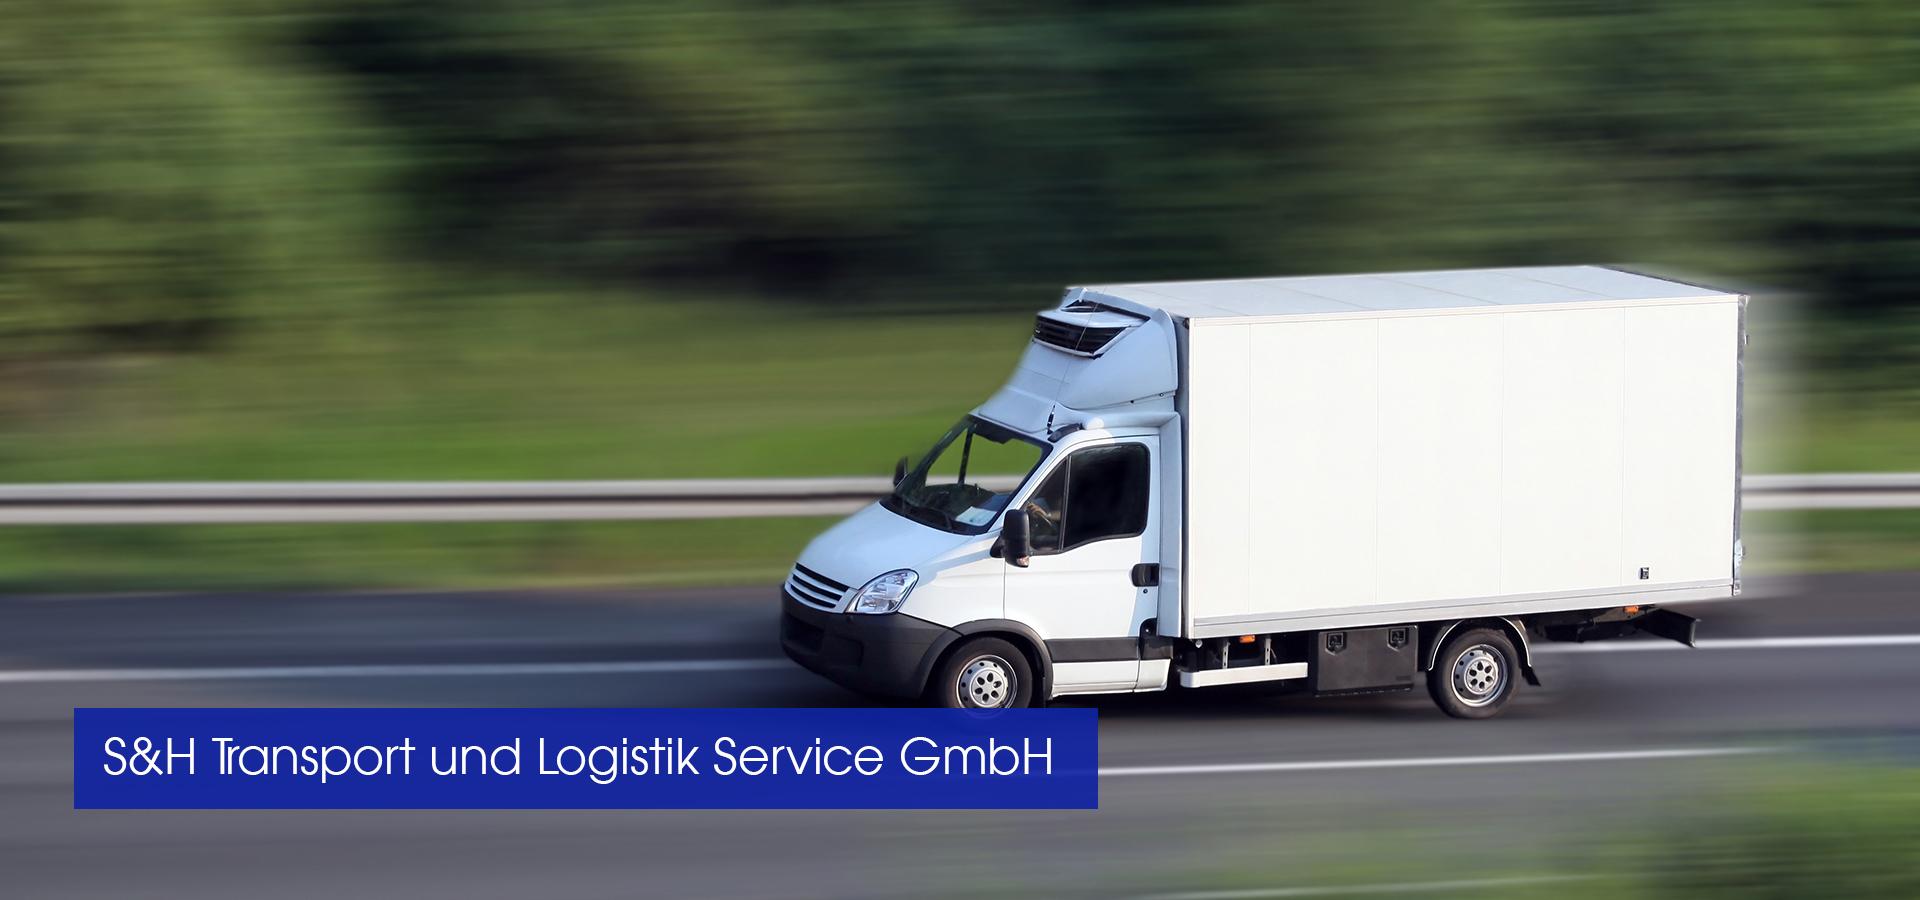 startseite s und h transport und logistik service gmbh. Black Bedroom Furniture Sets. Home Design Ideas